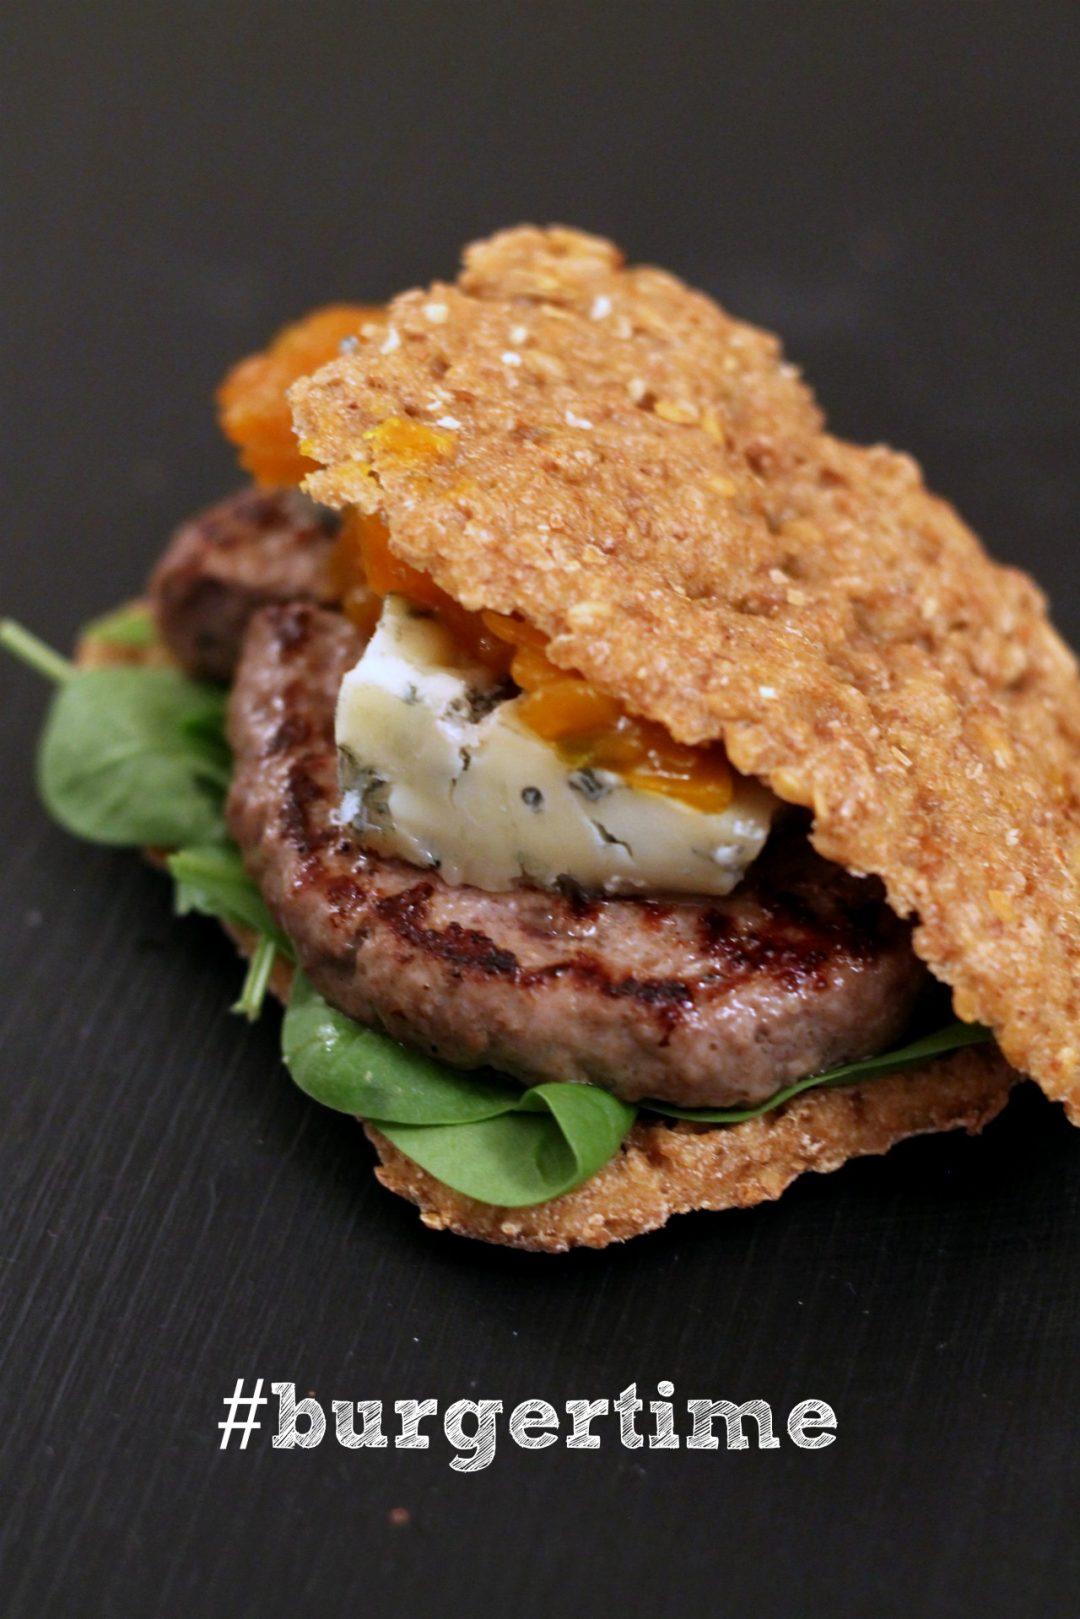 panino-rustico-burger-gorgonzola-piccante-e-mostarda-di-zucca-e-zenzero